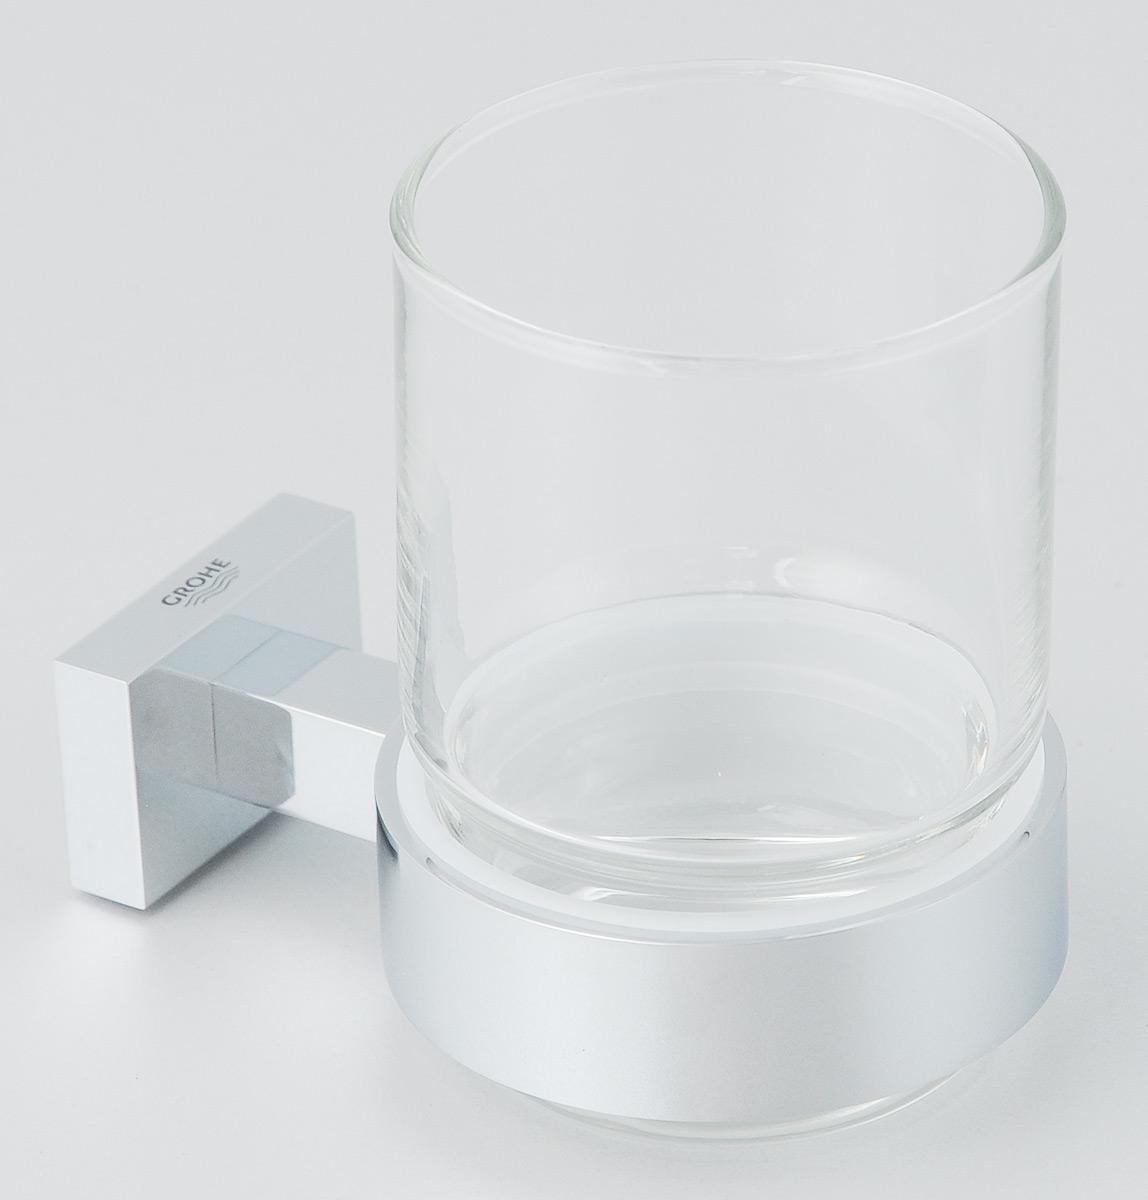 Стакан Grohe Essentials Cube, с держателем531-105Стакан с держателем Grohe Essentials Cube очень практичен и функционален. Стакан выполнен из толстого стекла. Держатель изготовлен из металла с хромированным покрытием. Благодаря специальной технологии Grohe StarLight покрытие обеспечивает сияющий блеск на протяжении всего срока службы. Кроме того, оно отталкивает грязь, не тускнеет и обладает высокой степенью износостойкости. Стакан крепится к стене (крепежные элементы поставляются в комплекте). Крепление скрытое.Благодаря неизменно актуальному дизайну и долговечному хромированному покрытию, такой стакан отлично дополнит интерьер ванной комнаты, воплощая собой изысканный стиль и превосходное качество.Диаметр стакана: 7 см. Высота стакана: 9,5 см.Размер (с держателем): 11 х 7 х 9,5 см.